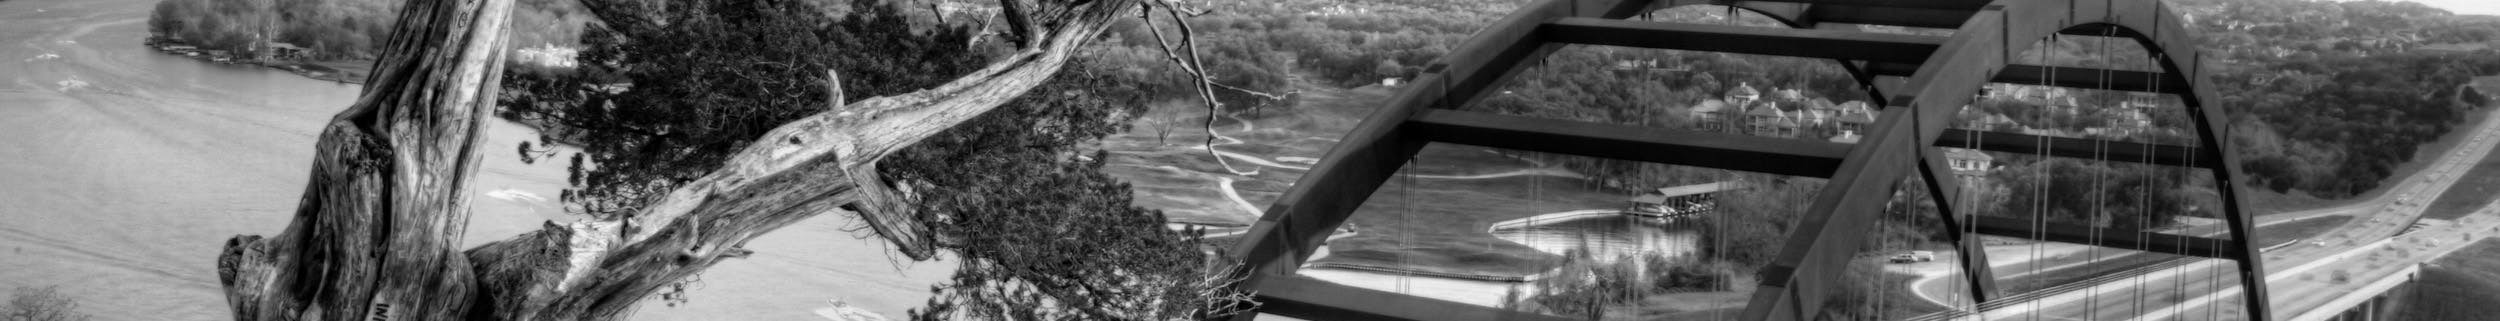 Image of Pennybacker Bridge